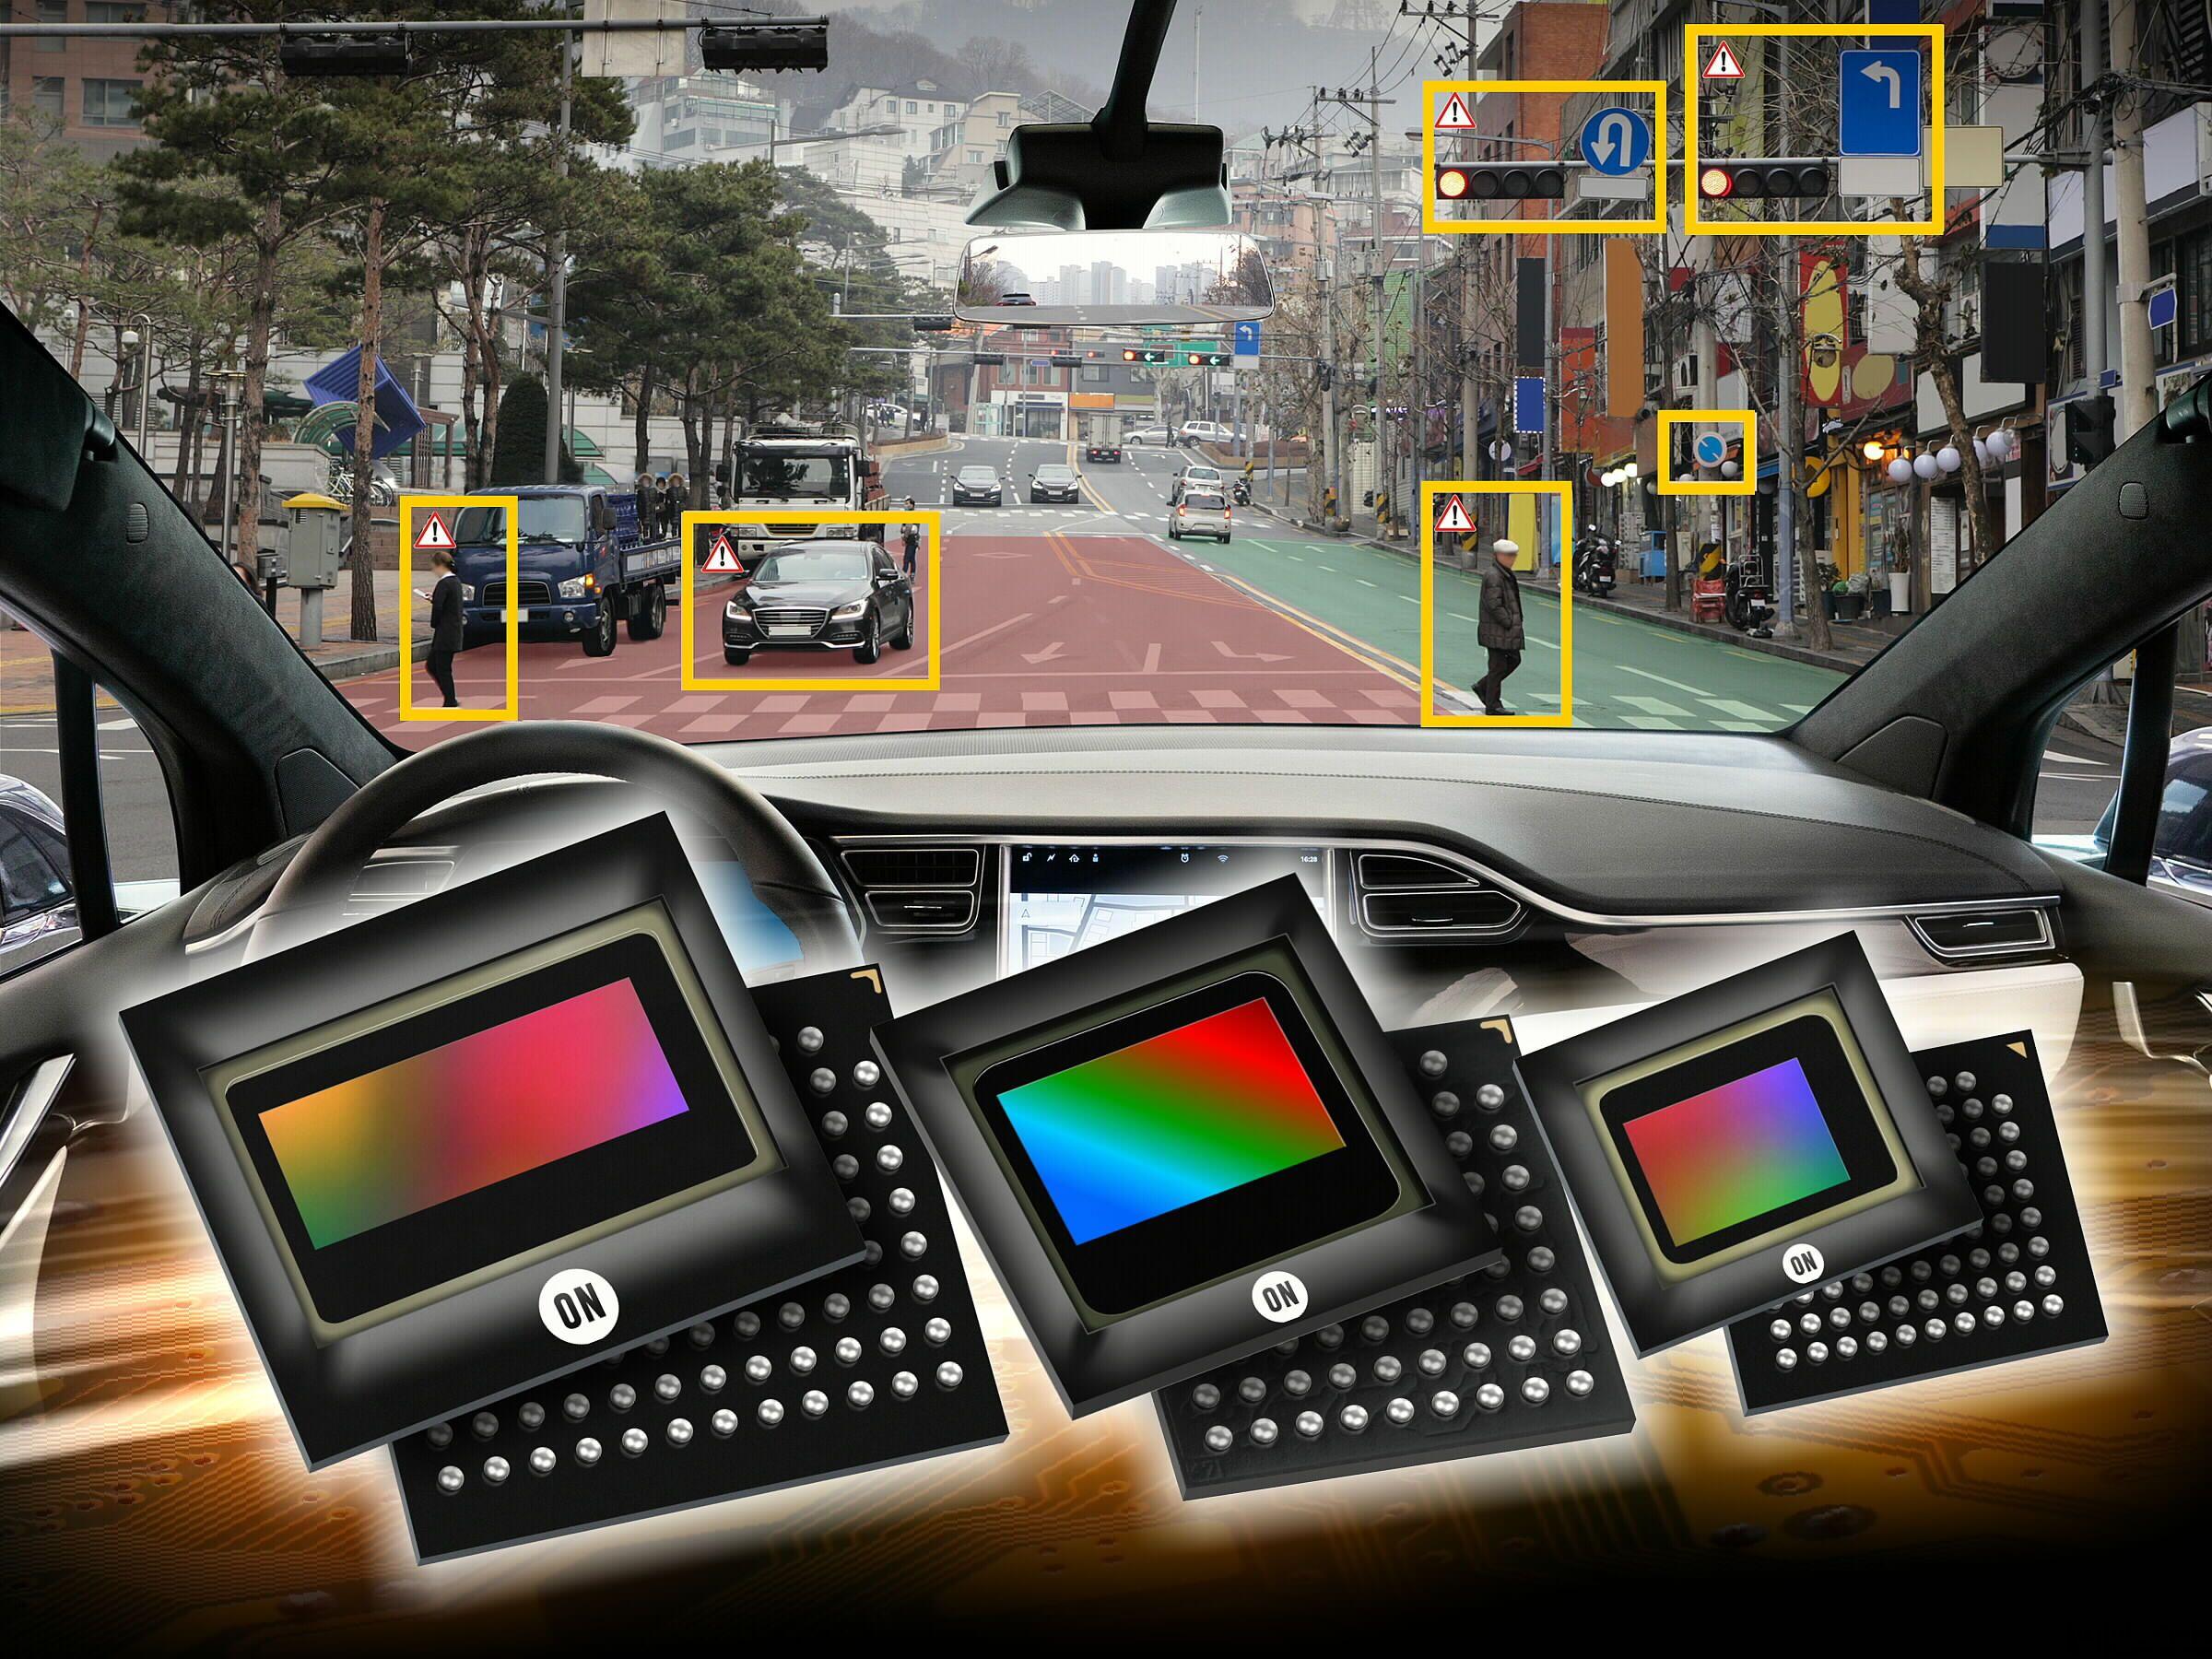 安森美半导体在 AutoSens 2019 展示汽车 CMOS 图像传感器、激光雷达和雷达方案